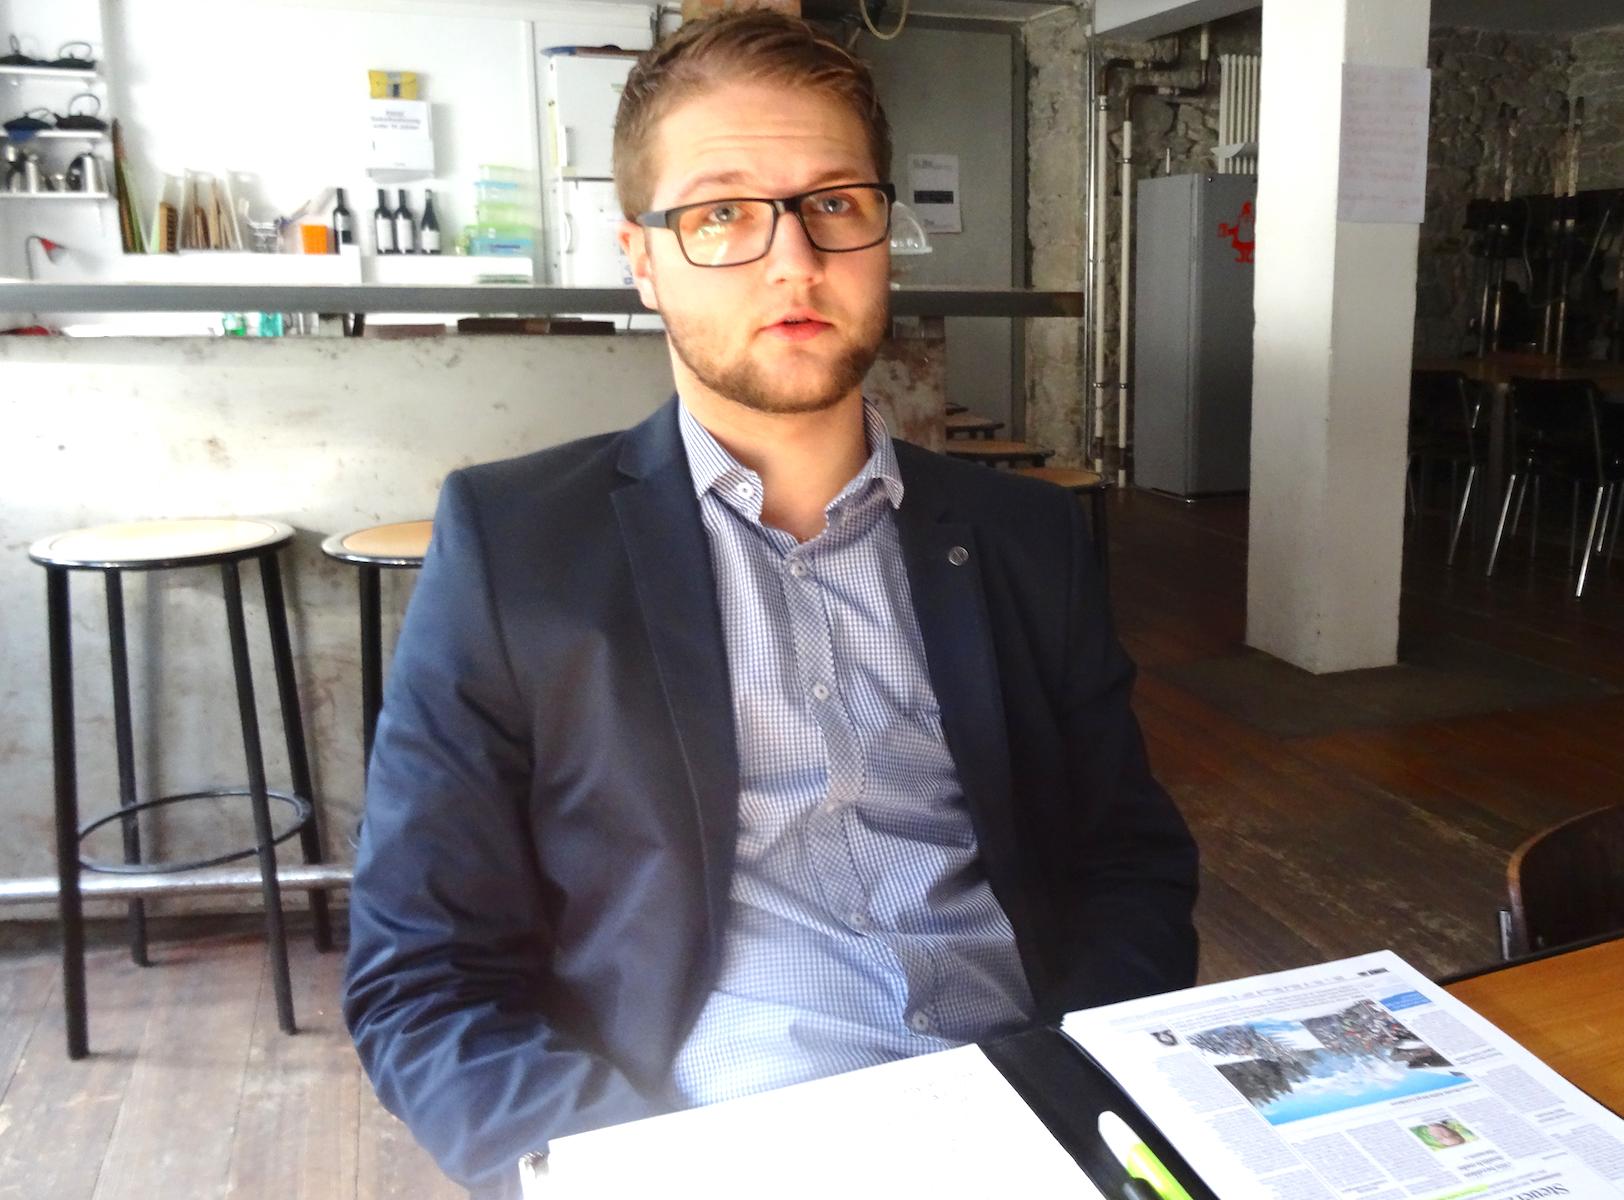 Gregor Bruhin (23), Personalfachmann, Offizier, Vierkampf-Trainer – und engagierter Politiker.